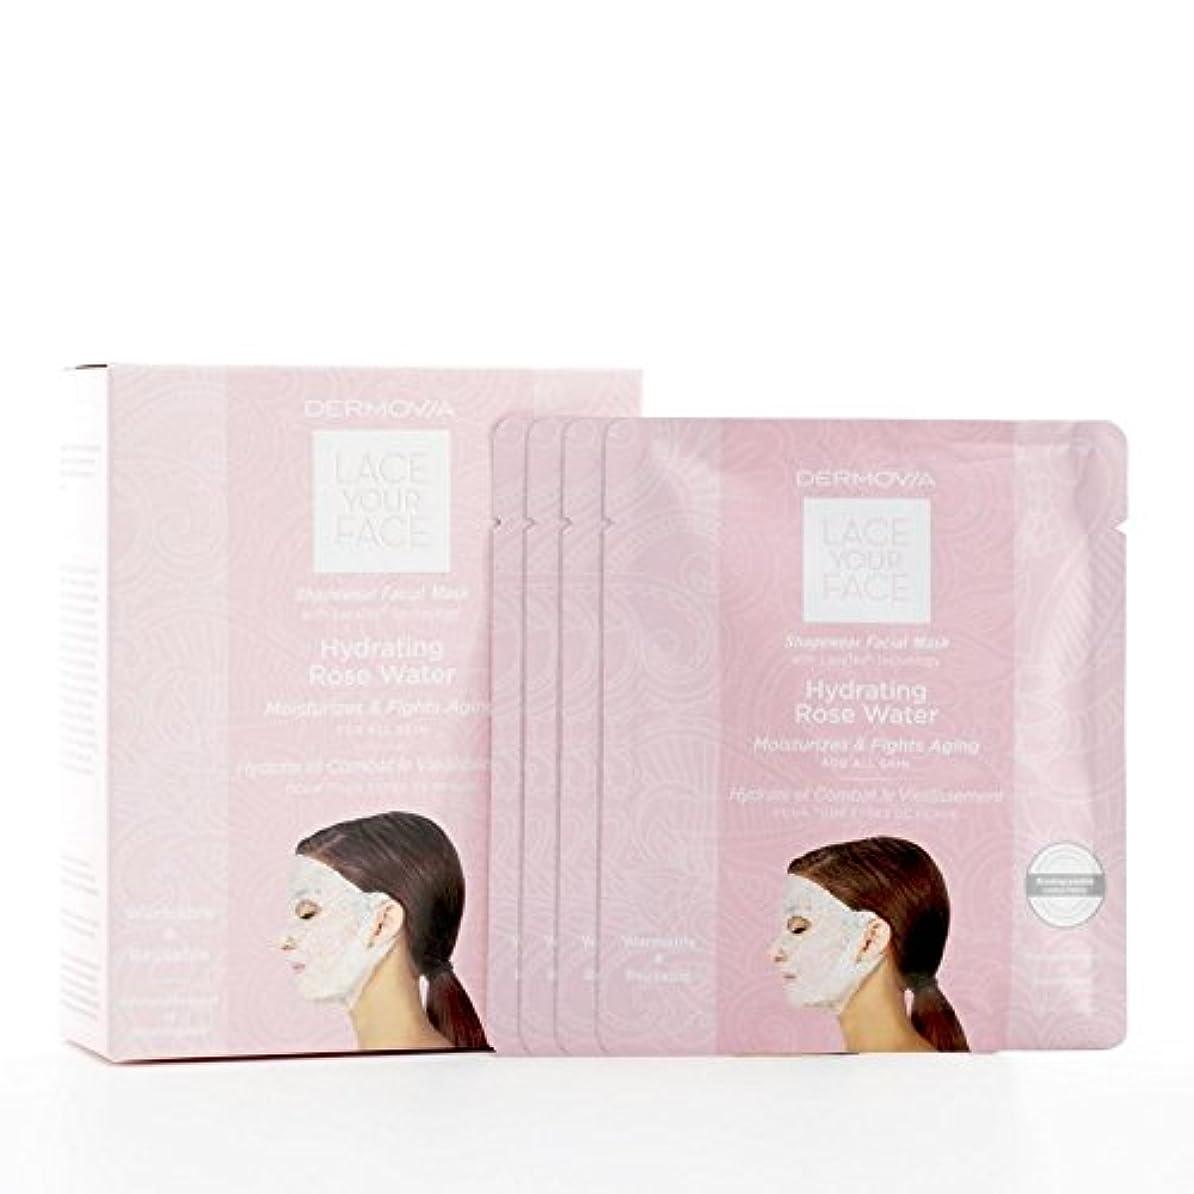 複雑な悲鳴蜜Dermovia Lace Your Face Compression Facial Mask Hydrating Rose Water - は、あなたの顔の圧縮フェイシャルマスク水和が水をバラレース [並行輸入品]